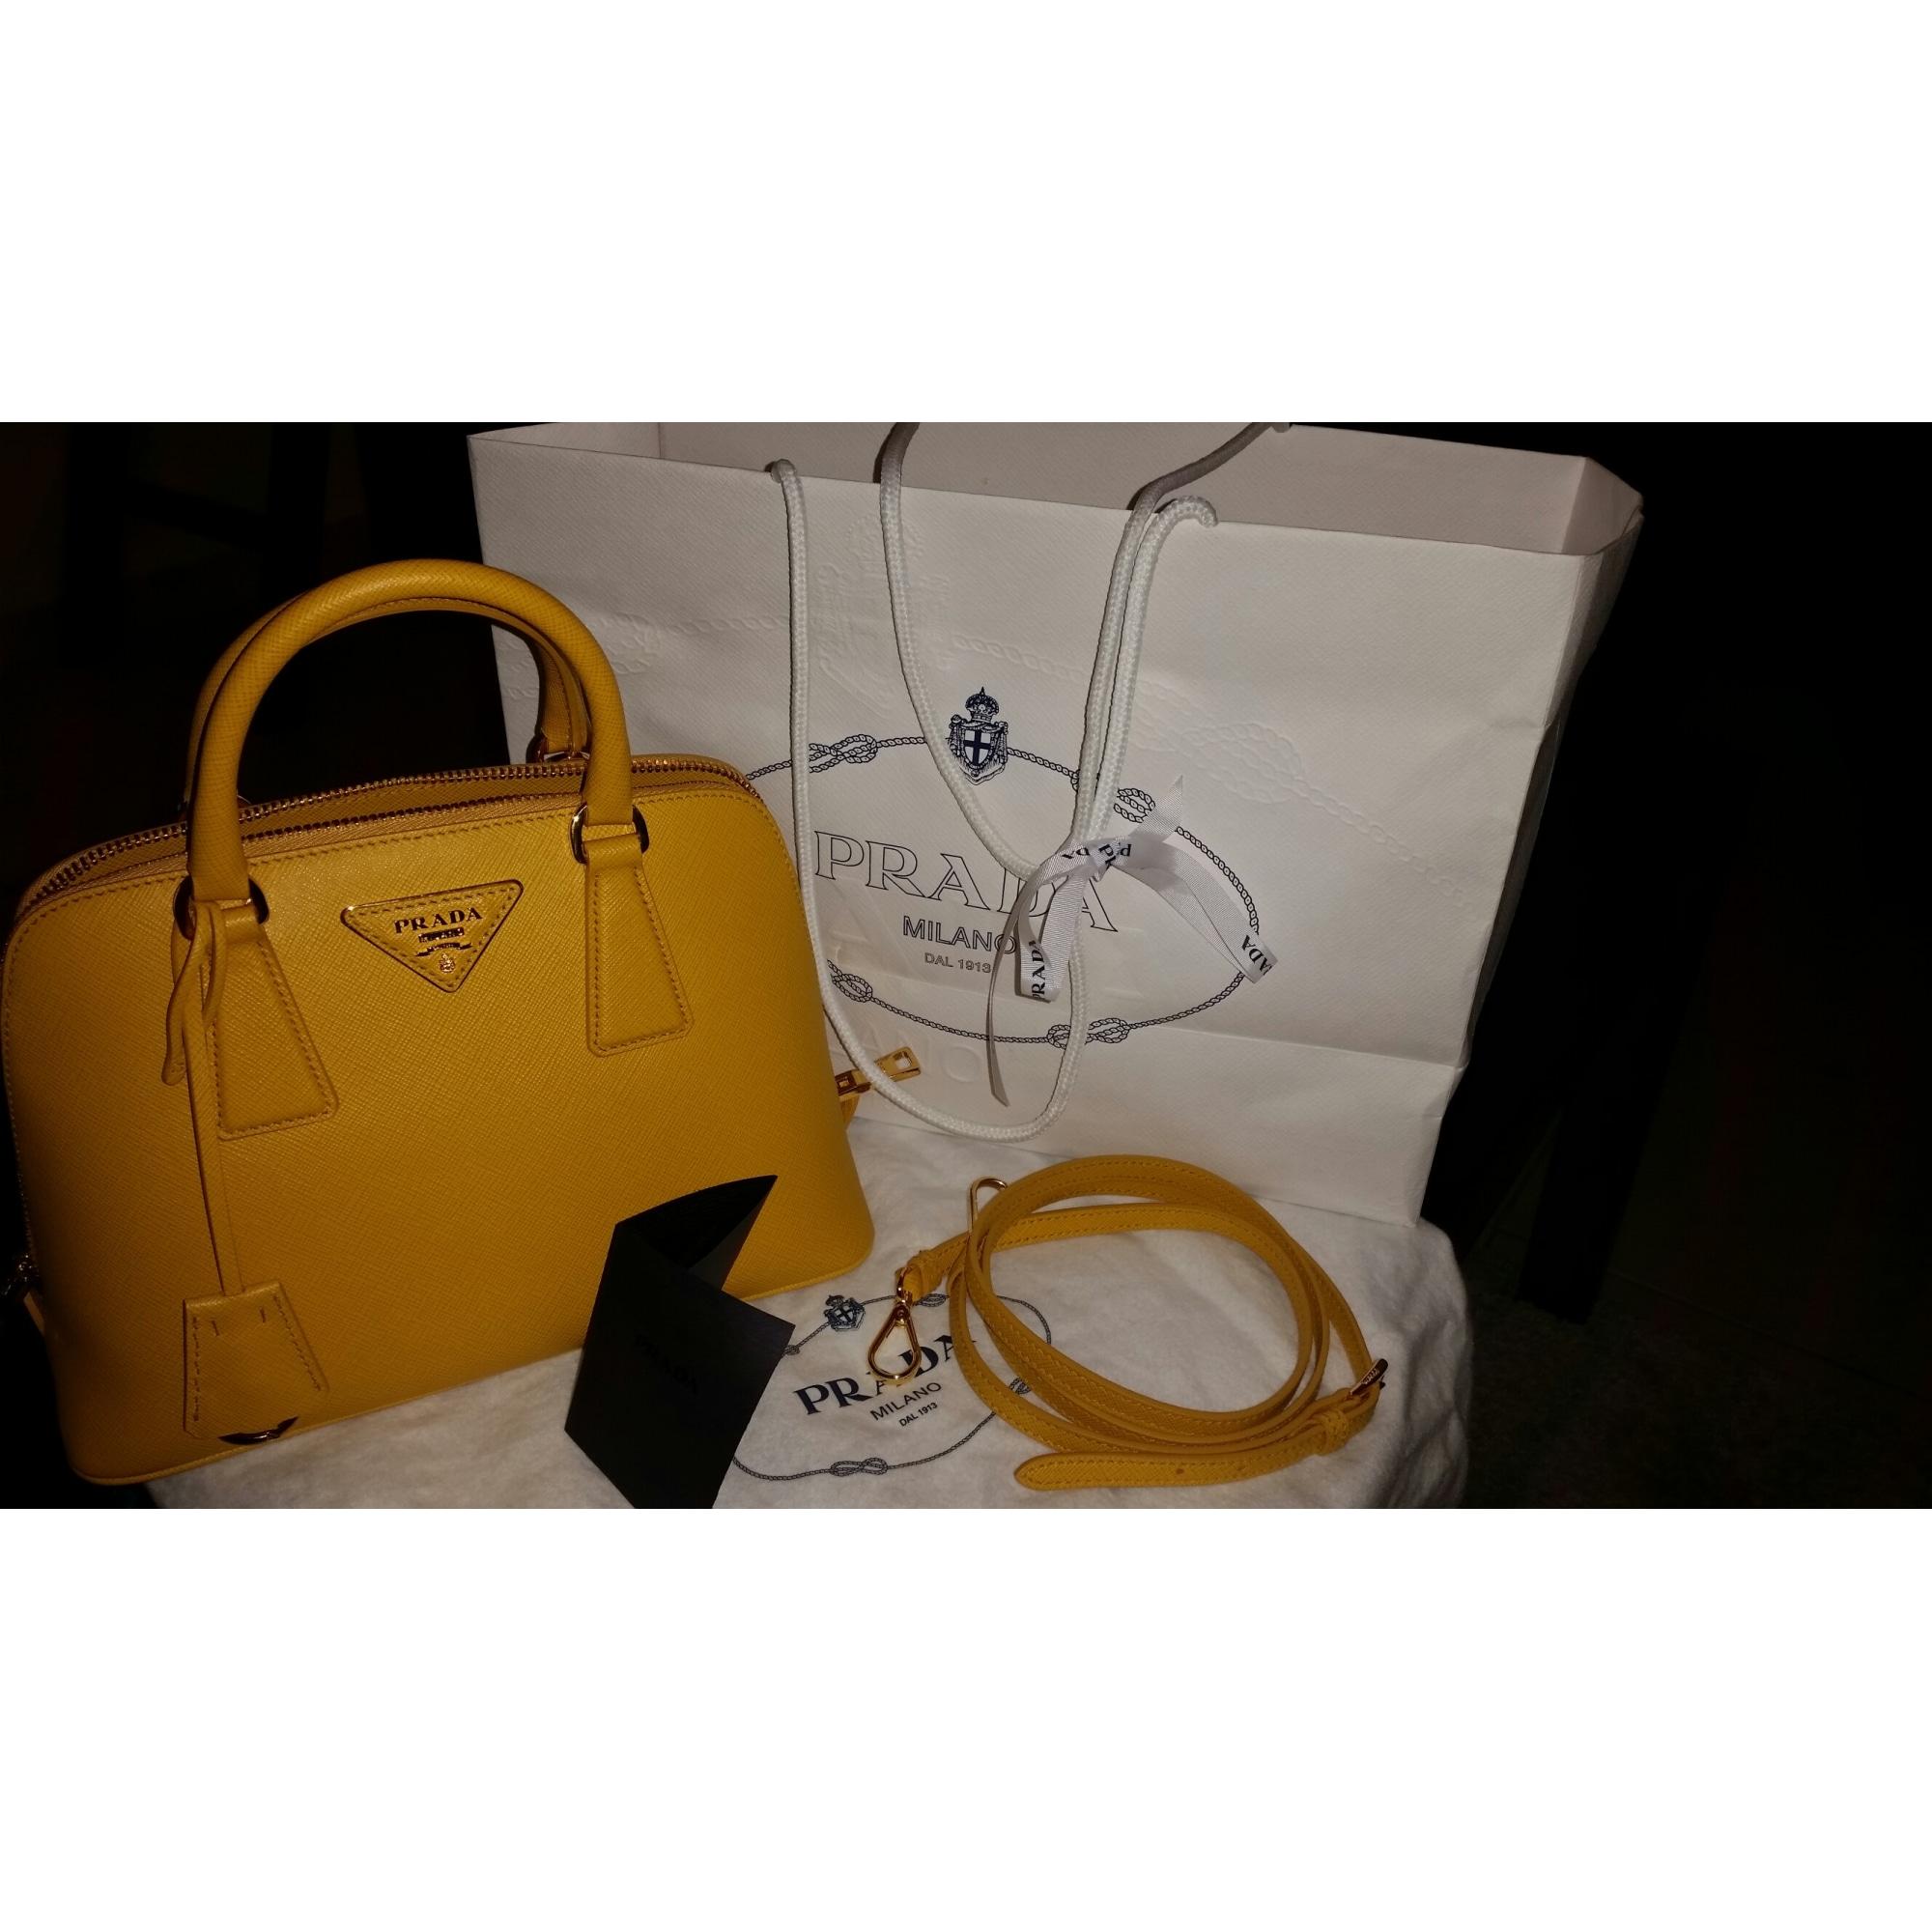 b327c00293 Leather Handbag PRADA yellow vendu par Shopname754885 - 2978773